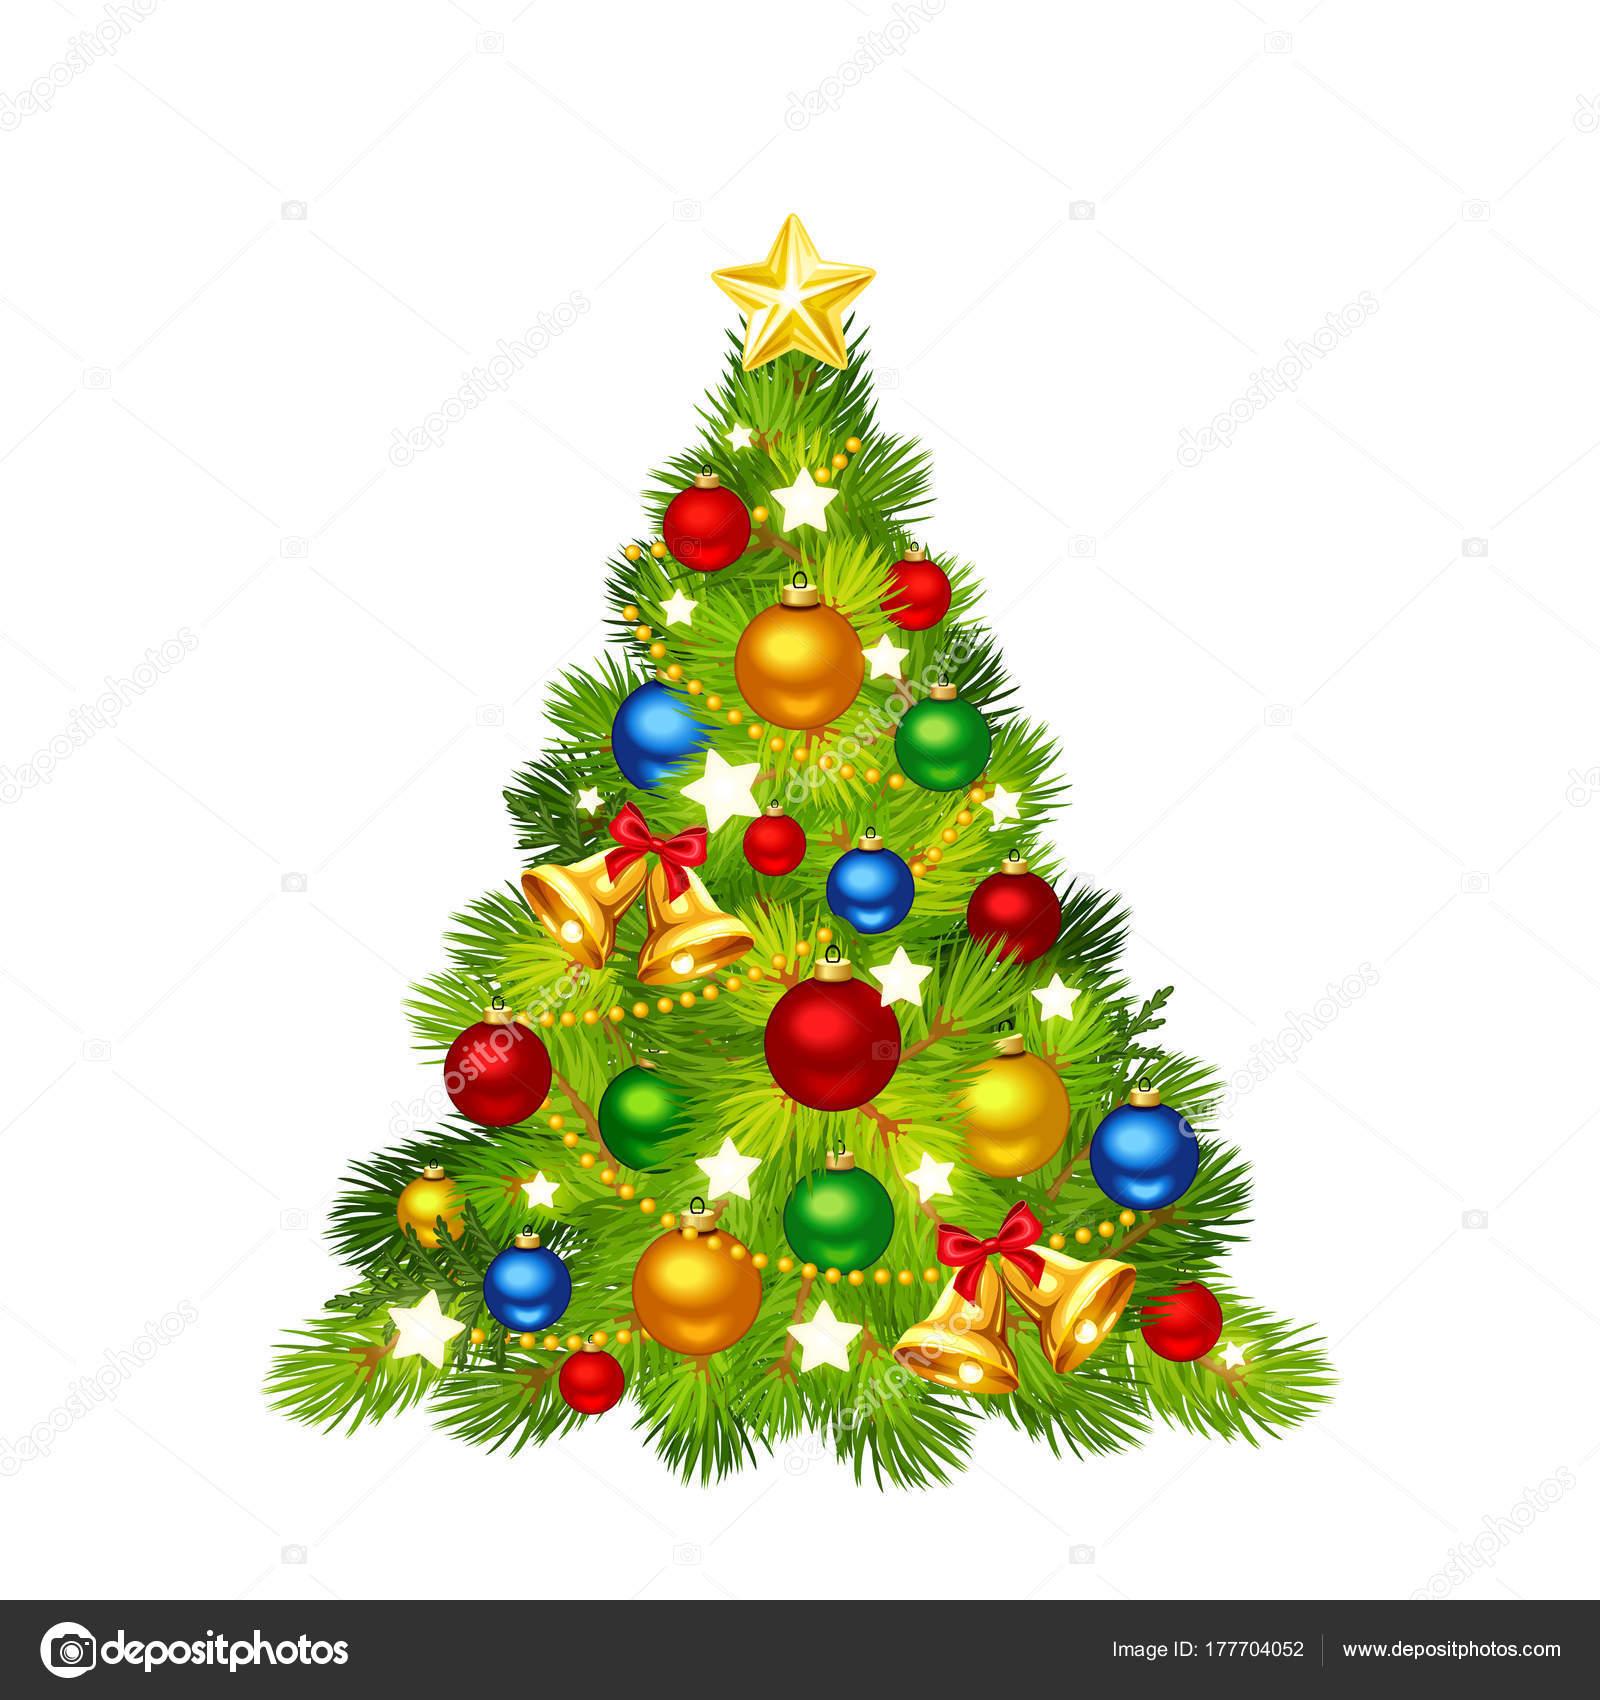 Im genes de rboles navidad vector rbol navidad - Arbol de navidad imagen ...